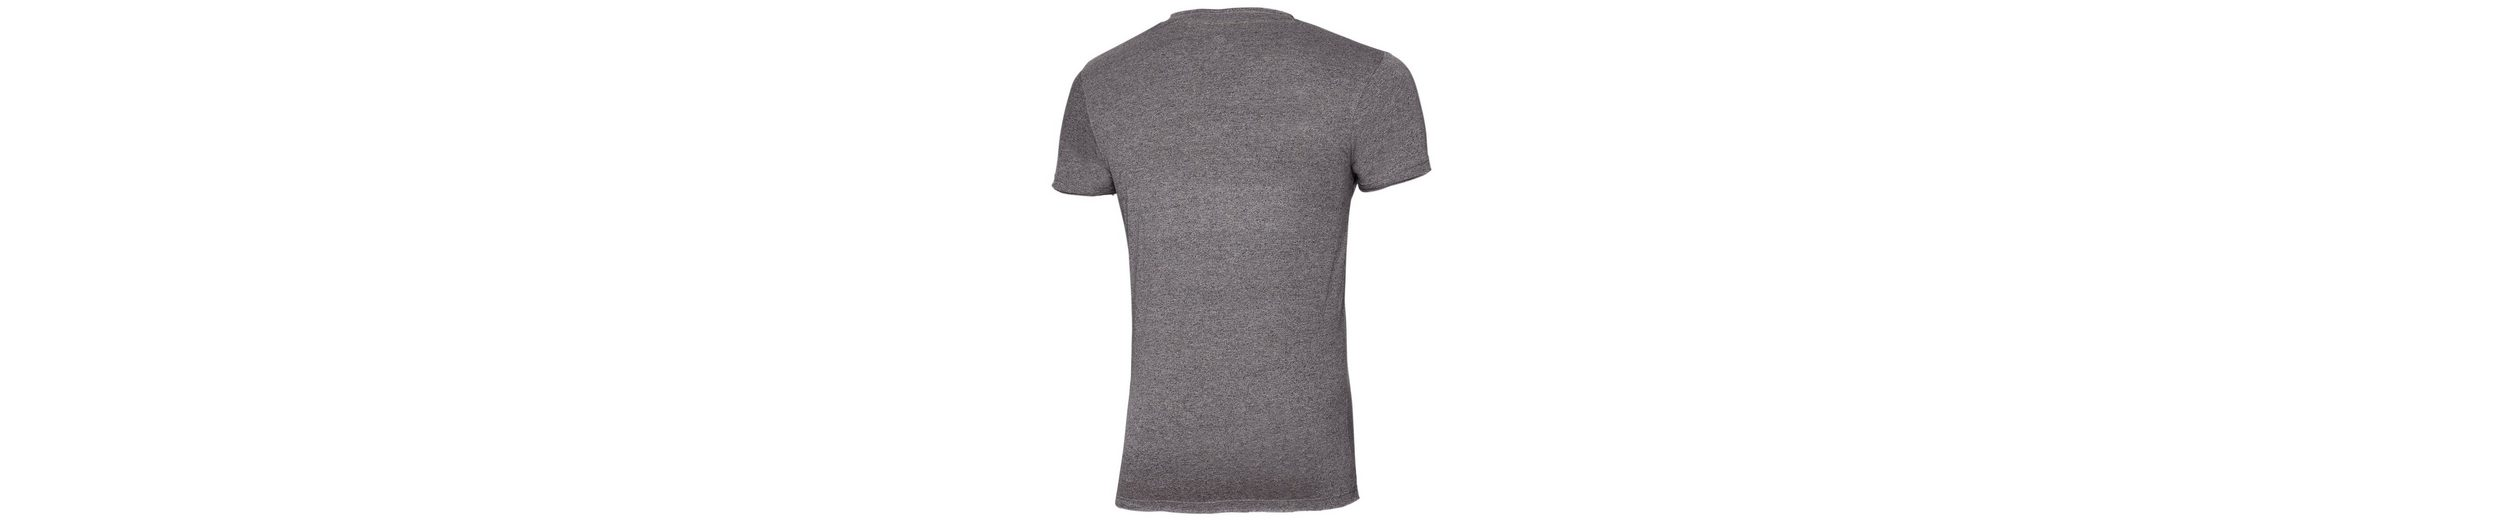 BIDI BADU T-Shirt mit sportlichem Frontdruck Wes Freier Versandauftrag Billig Verkauf Footaction Freies Verschiffen Echte Mit Paypal Niedrigem Preis tL3gm4